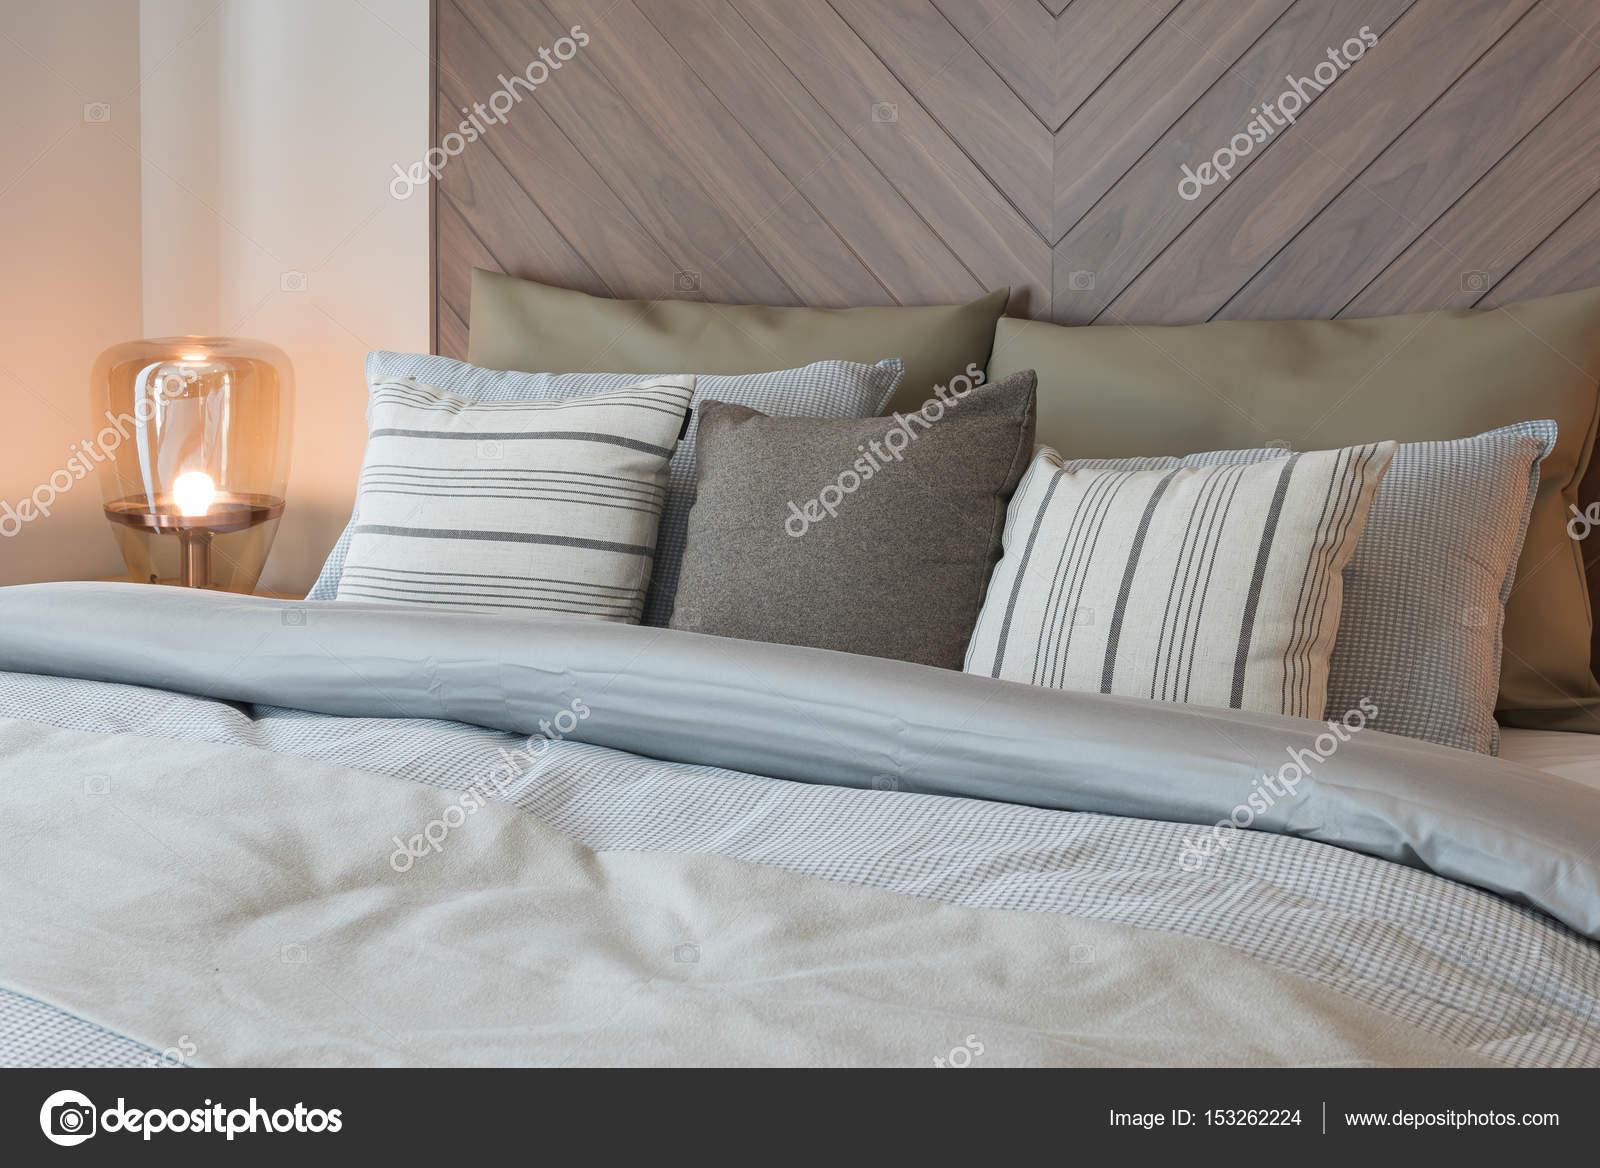 Houten Muurdecoratie Slaapkamer : Set van kussens op bed met houten wanddecoratie in klassieke stal